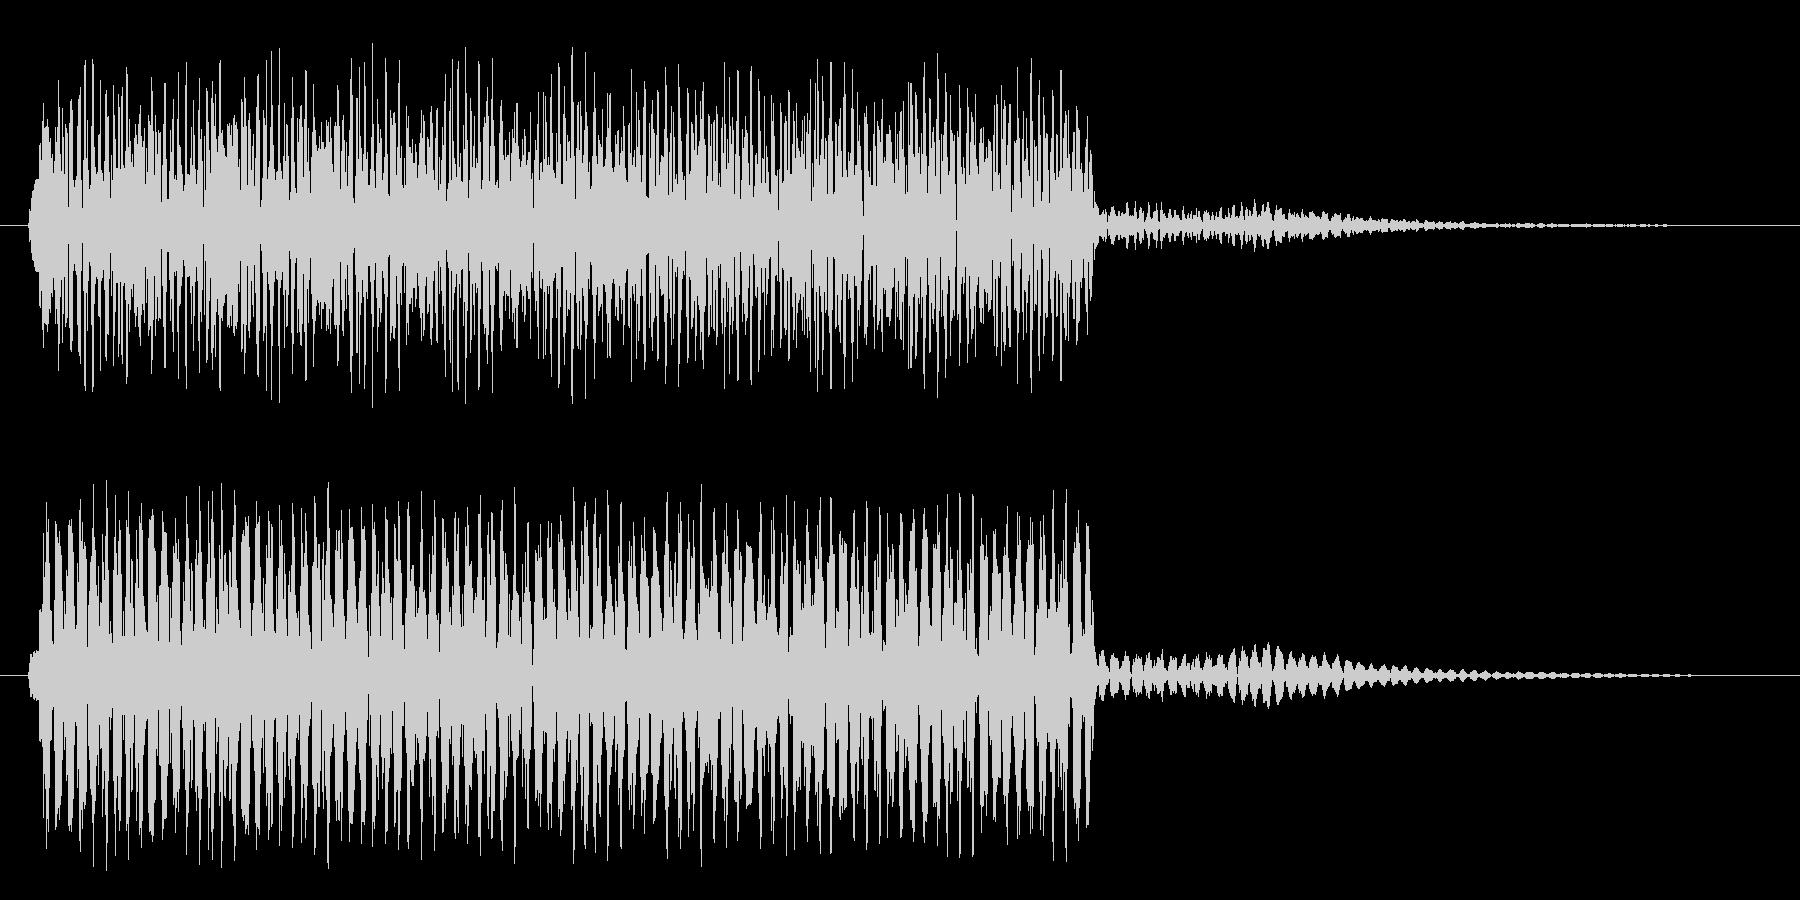 タァーー(オルガン系)の未再生の波形